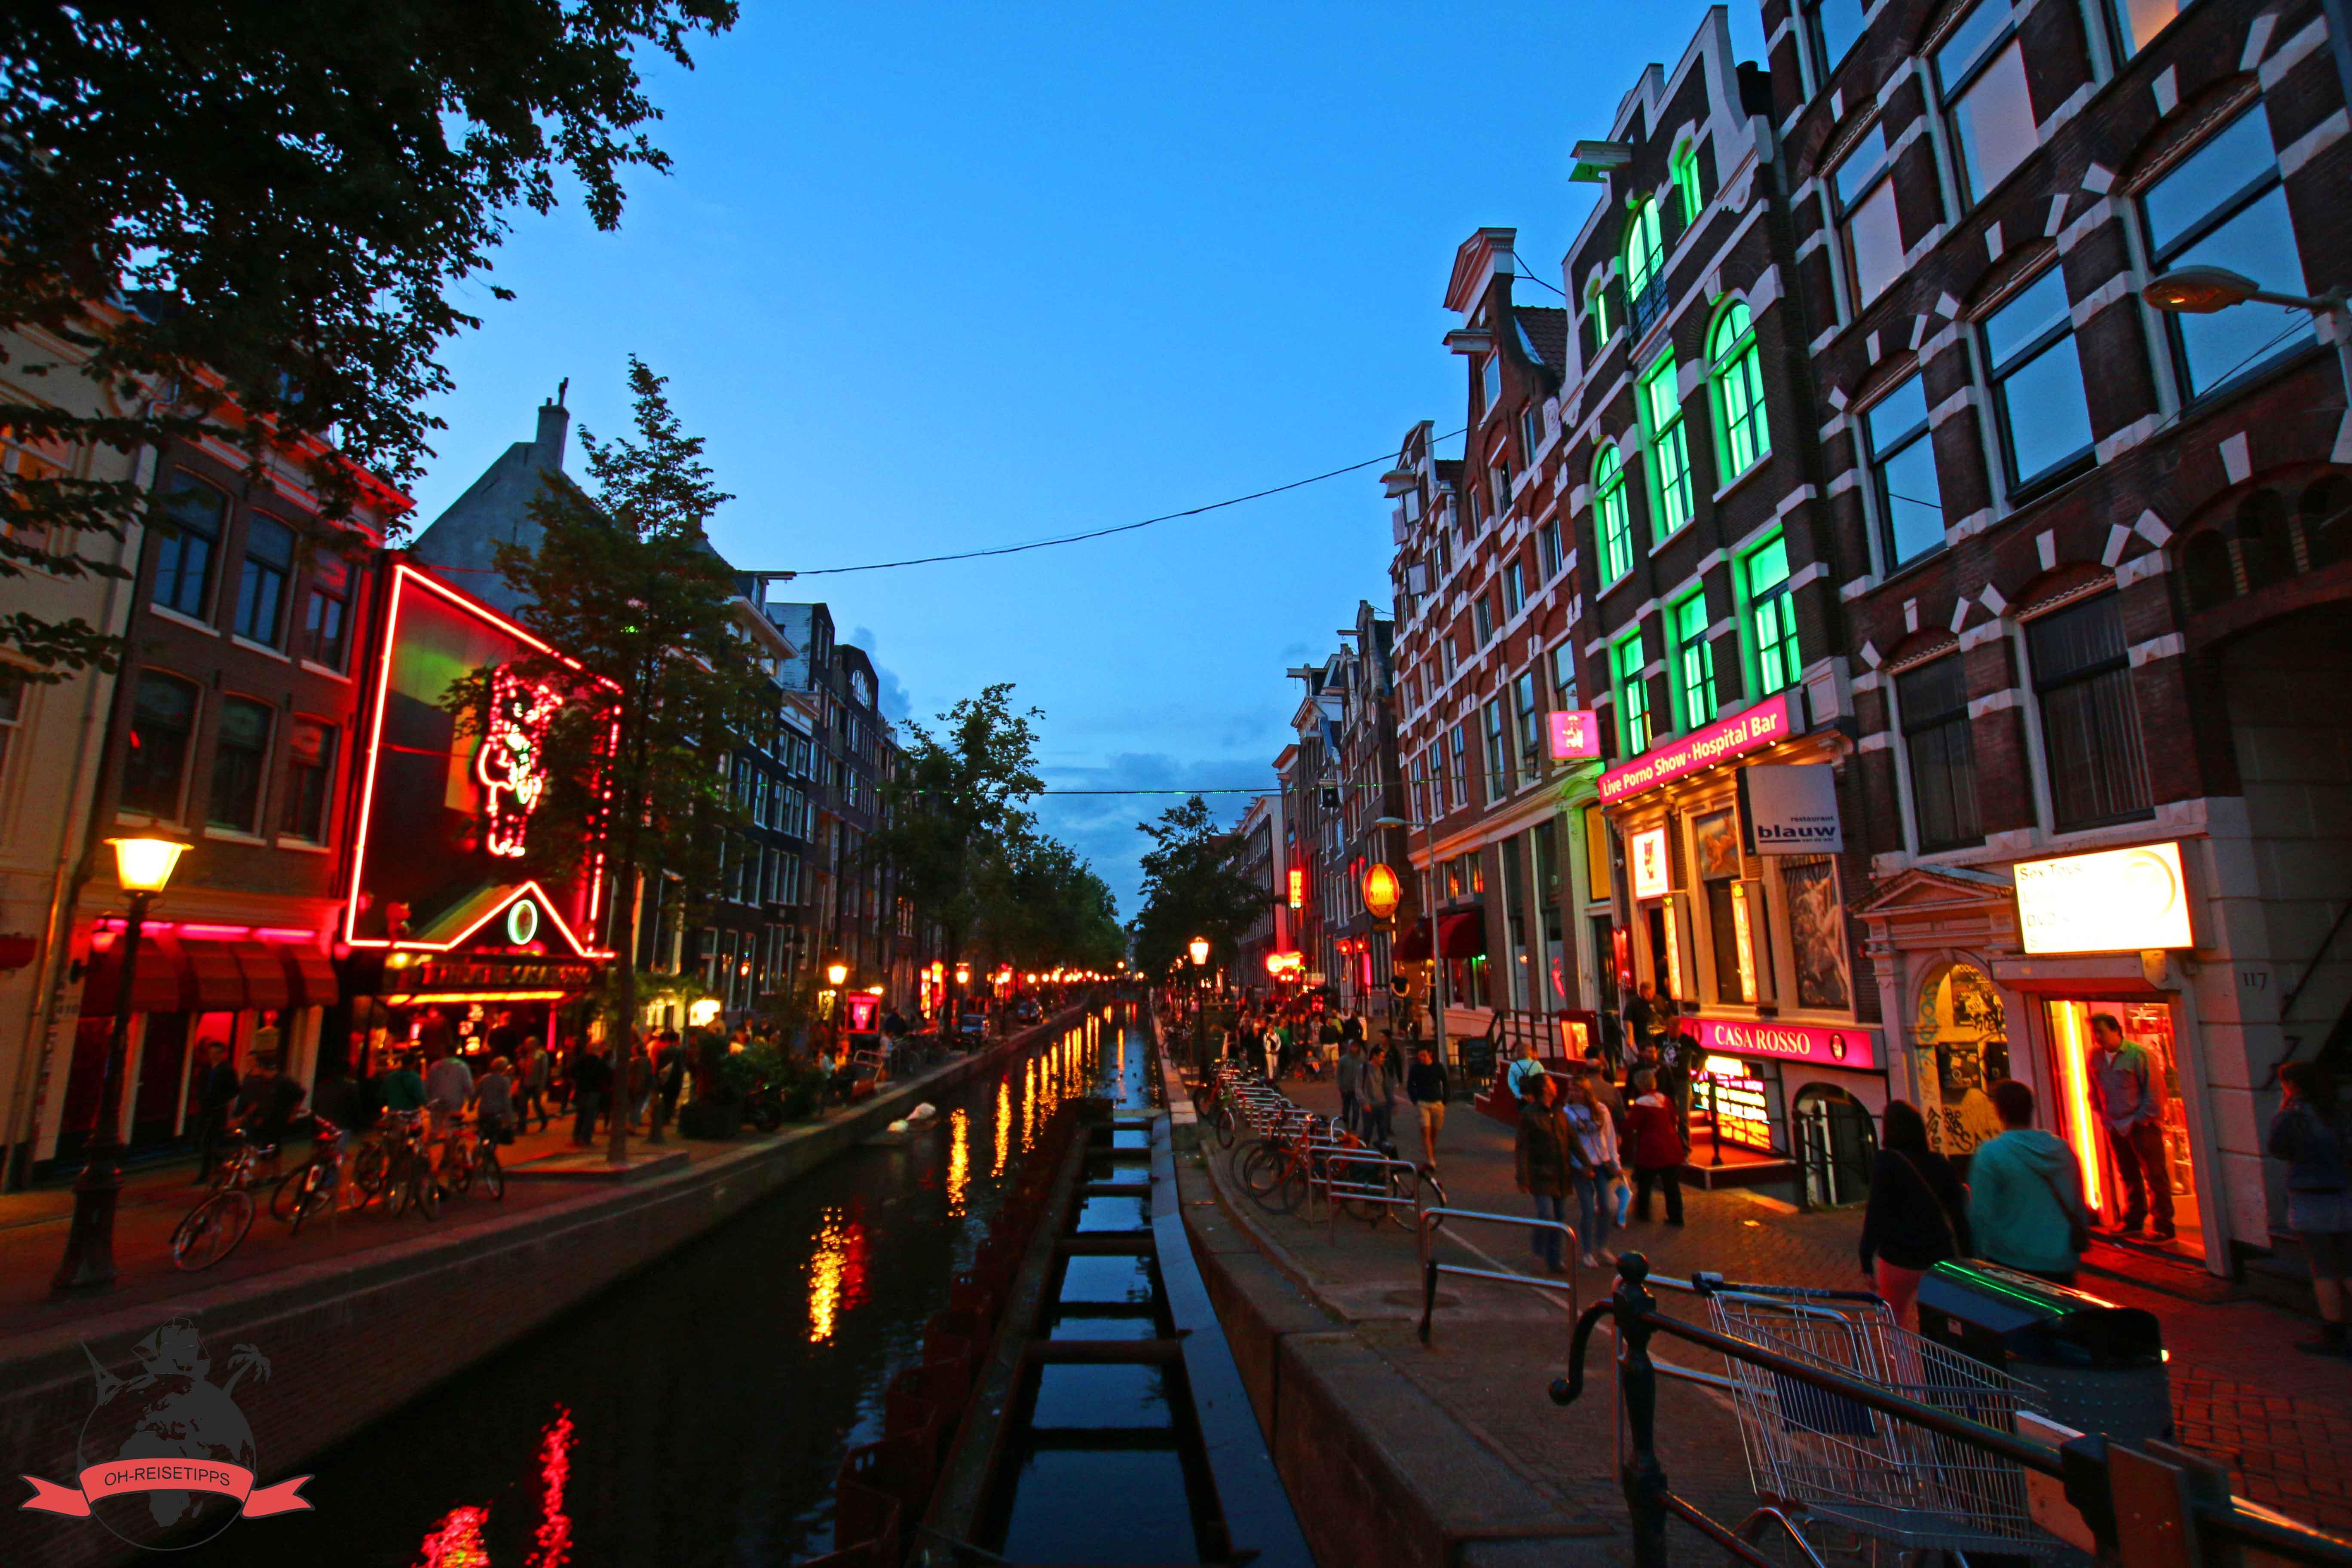 niederlande-amsterdam-rotlichtviertel